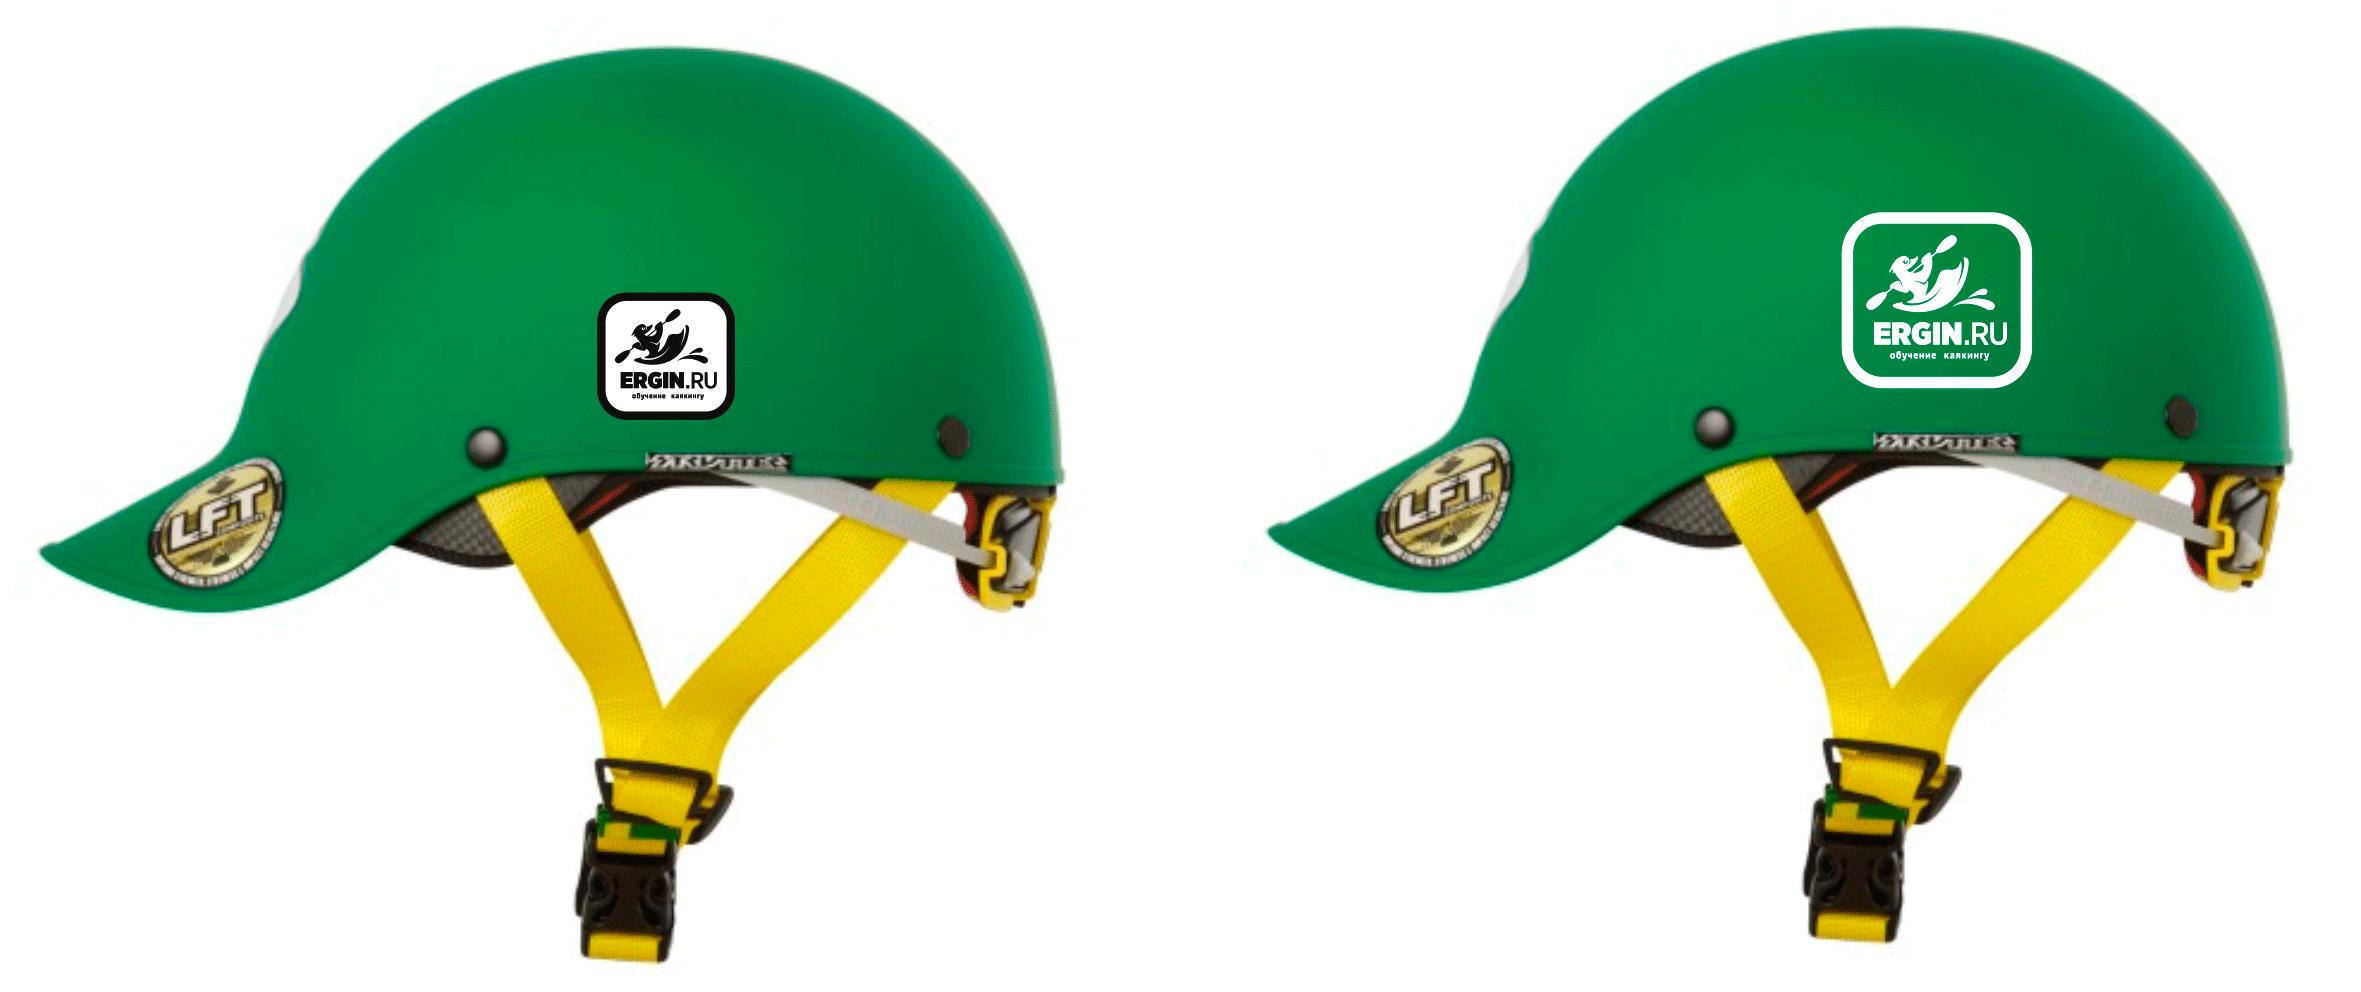 Логотип Обучение каякингу нанесение на каякерский шлем каску